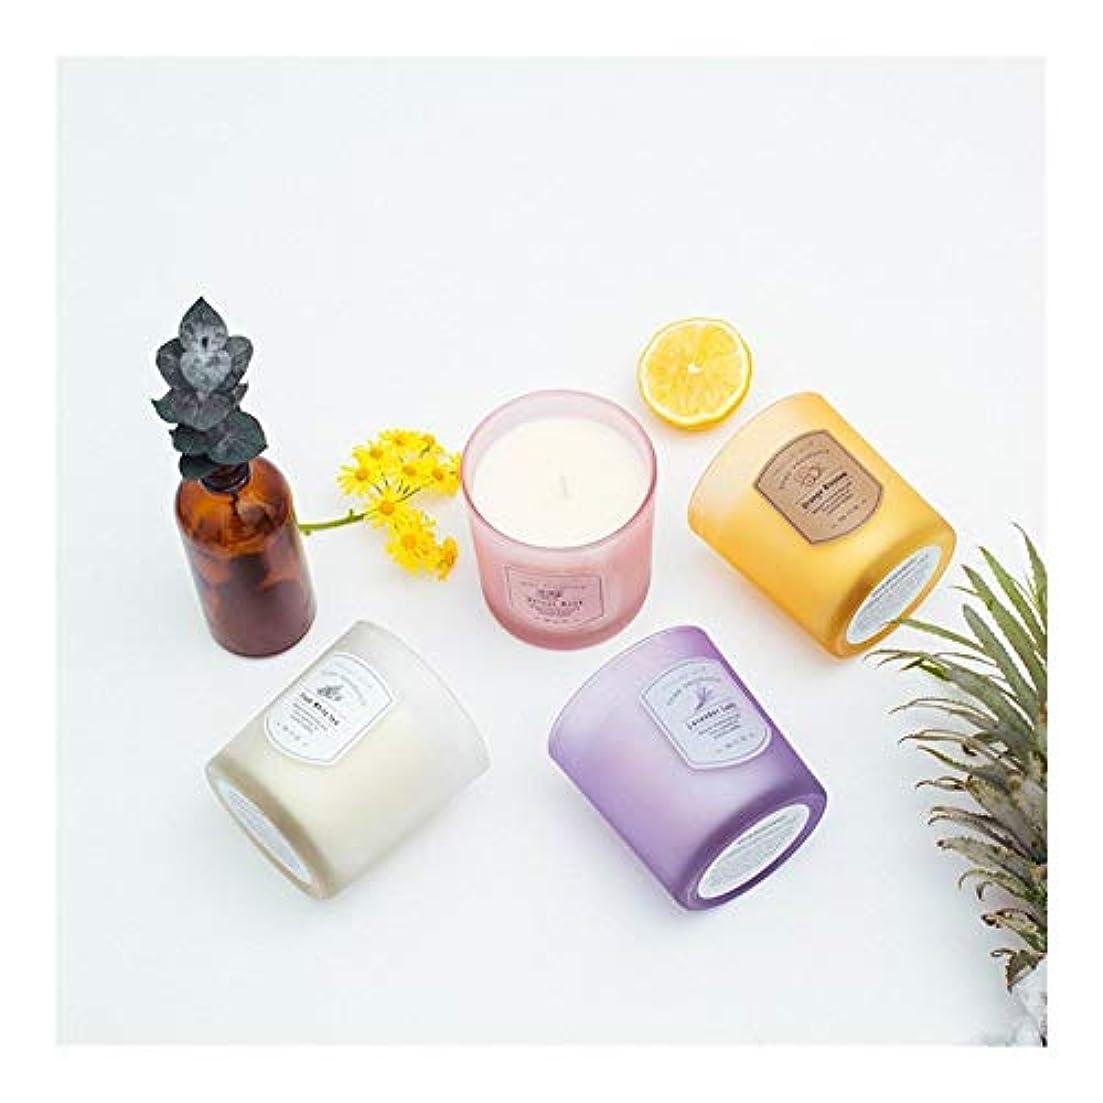 食べる希望に満ちた恐怖Guomao ガラスキャンドルキャンドルセット無煙フレグランスジュエリーホームアクセサリー (色 : Purple lavender)